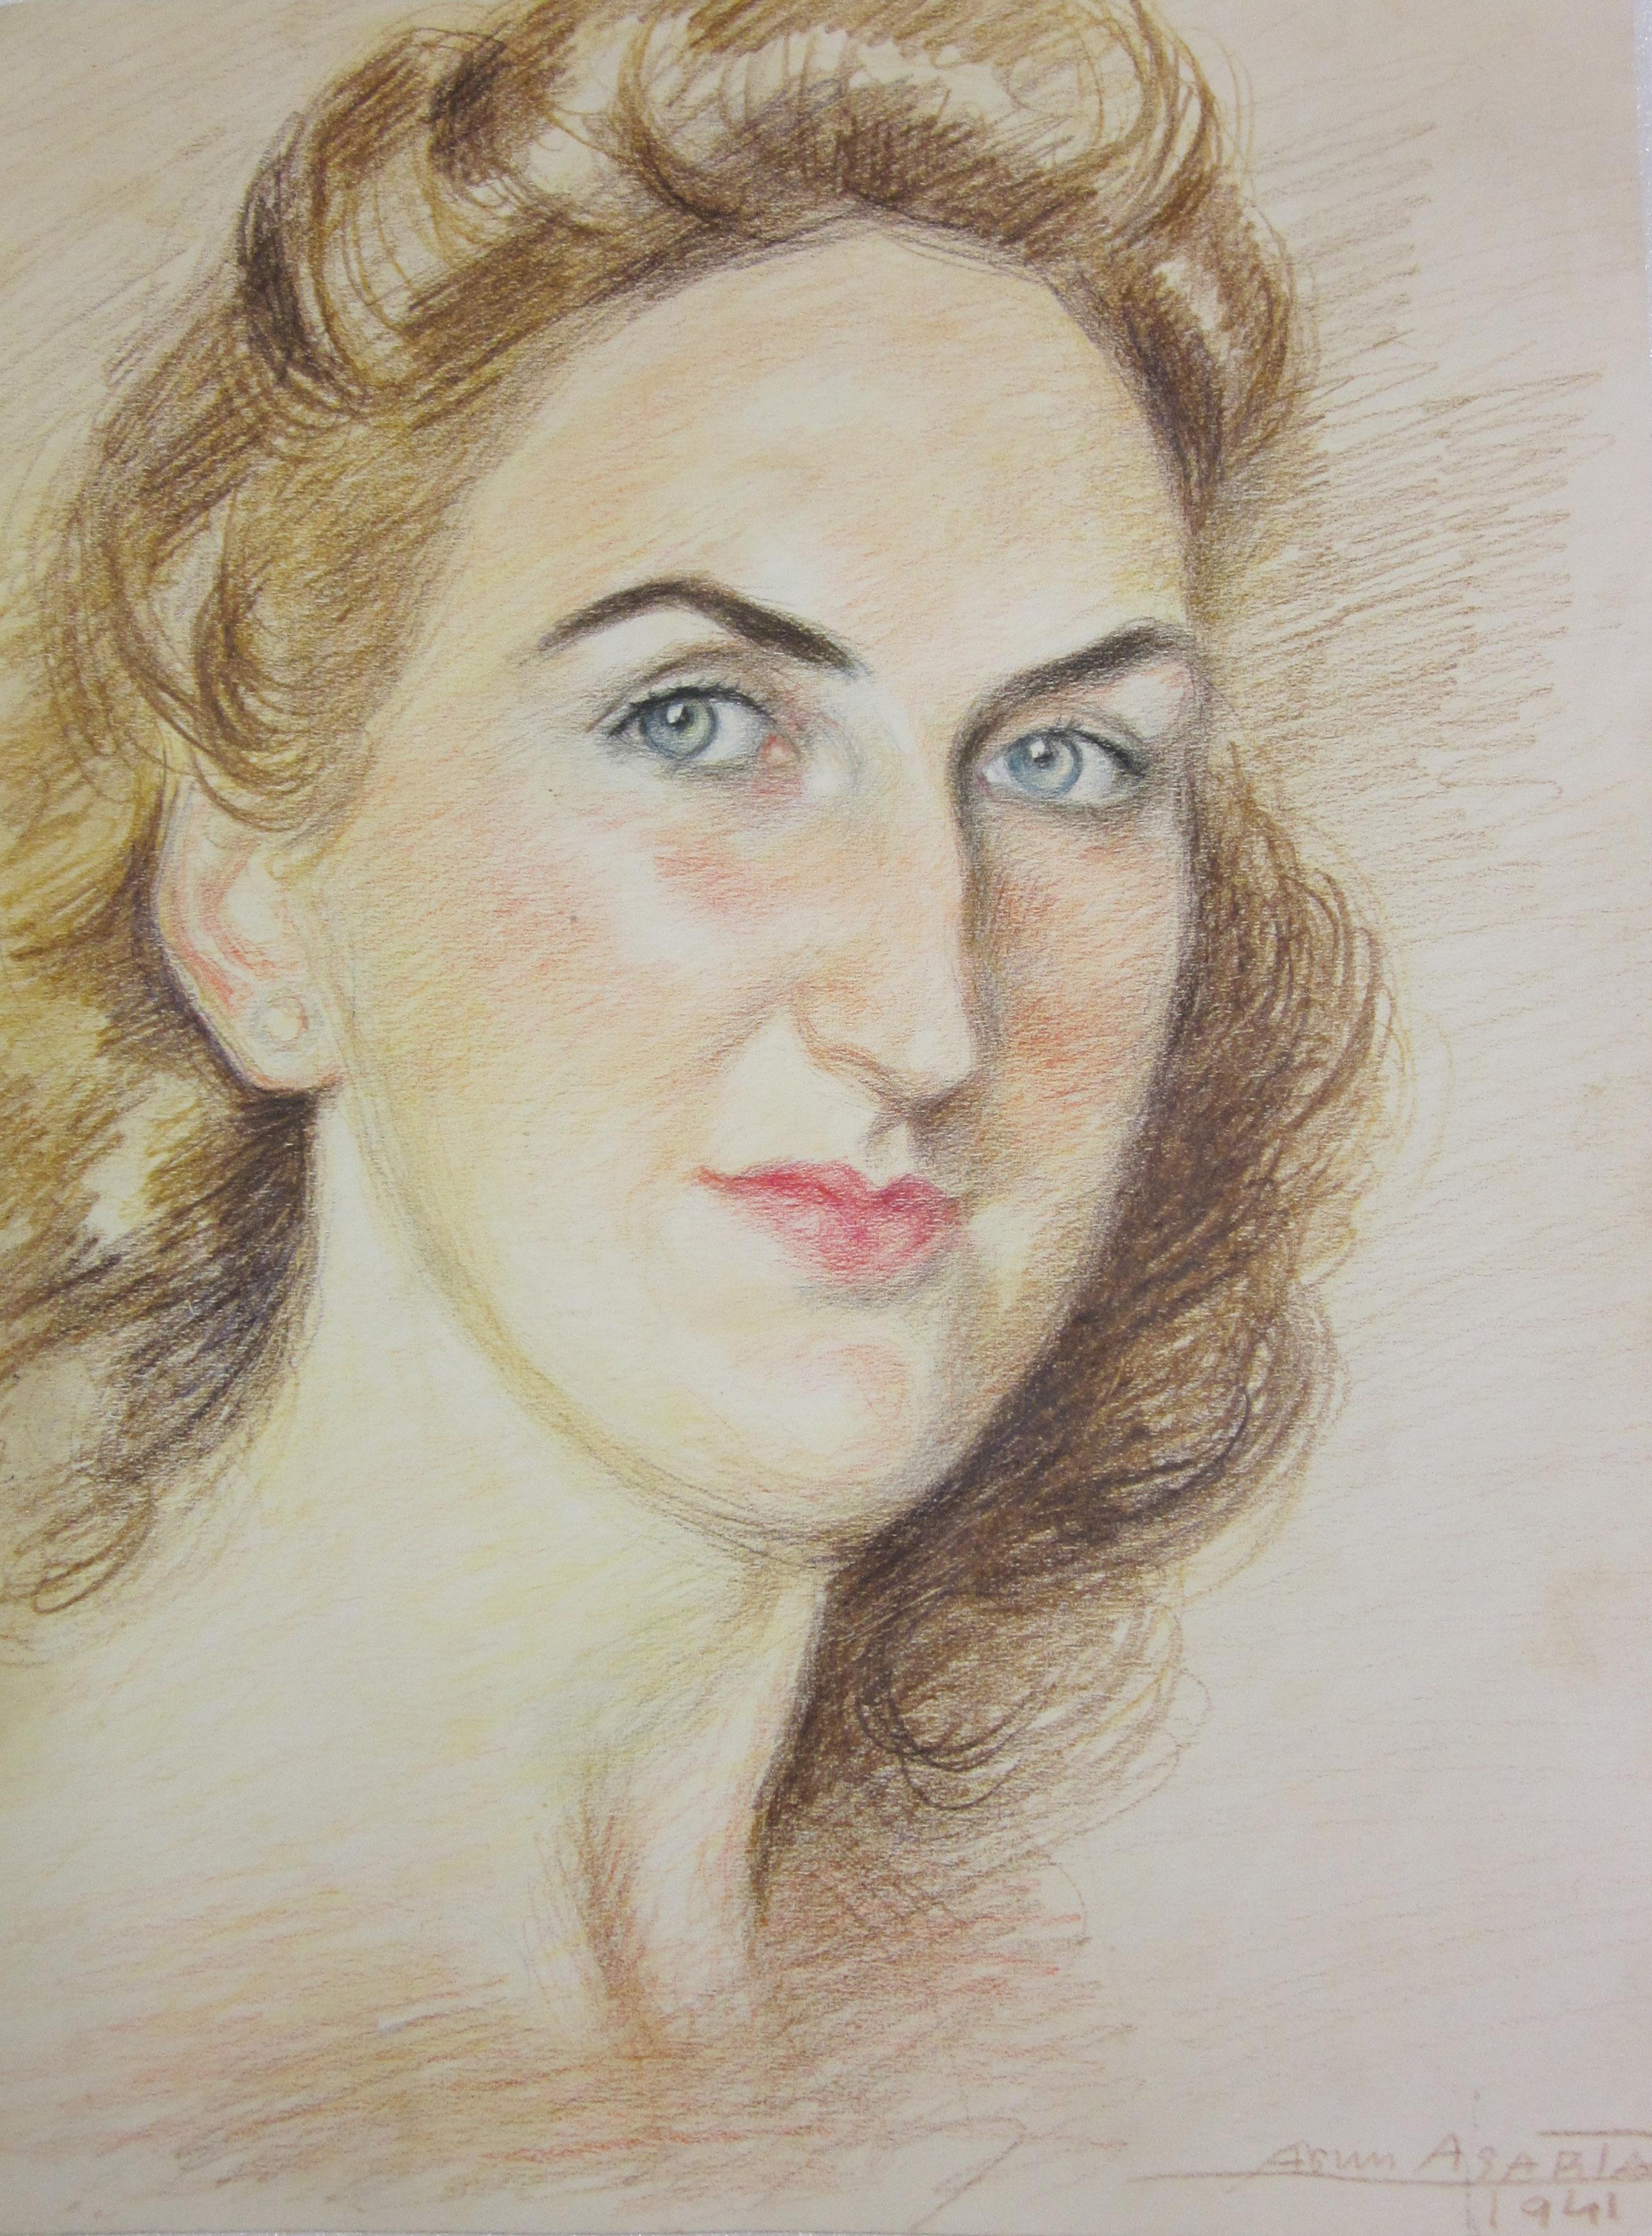 Retrato de Cecilia Azpiazu